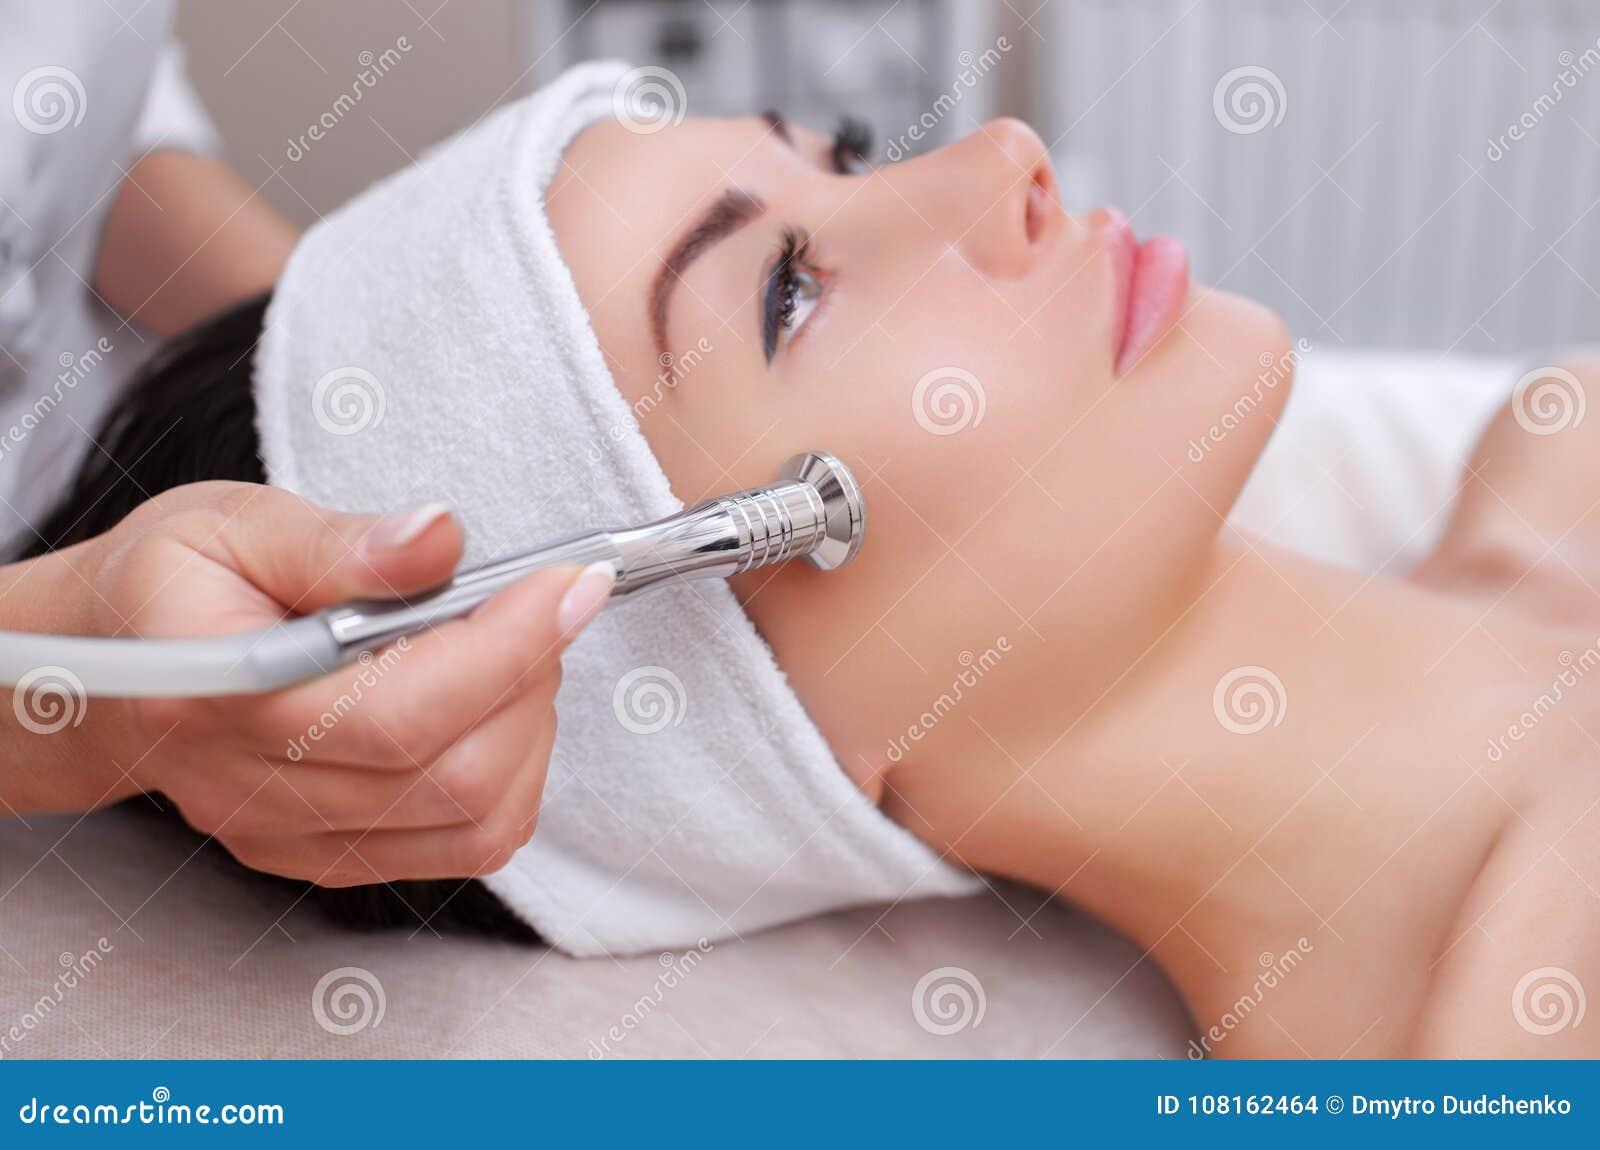 Le cosmetologist fait la procédure Microdermabrasion de la peau faciale d un beau, jeune femme dans un salon de beauté